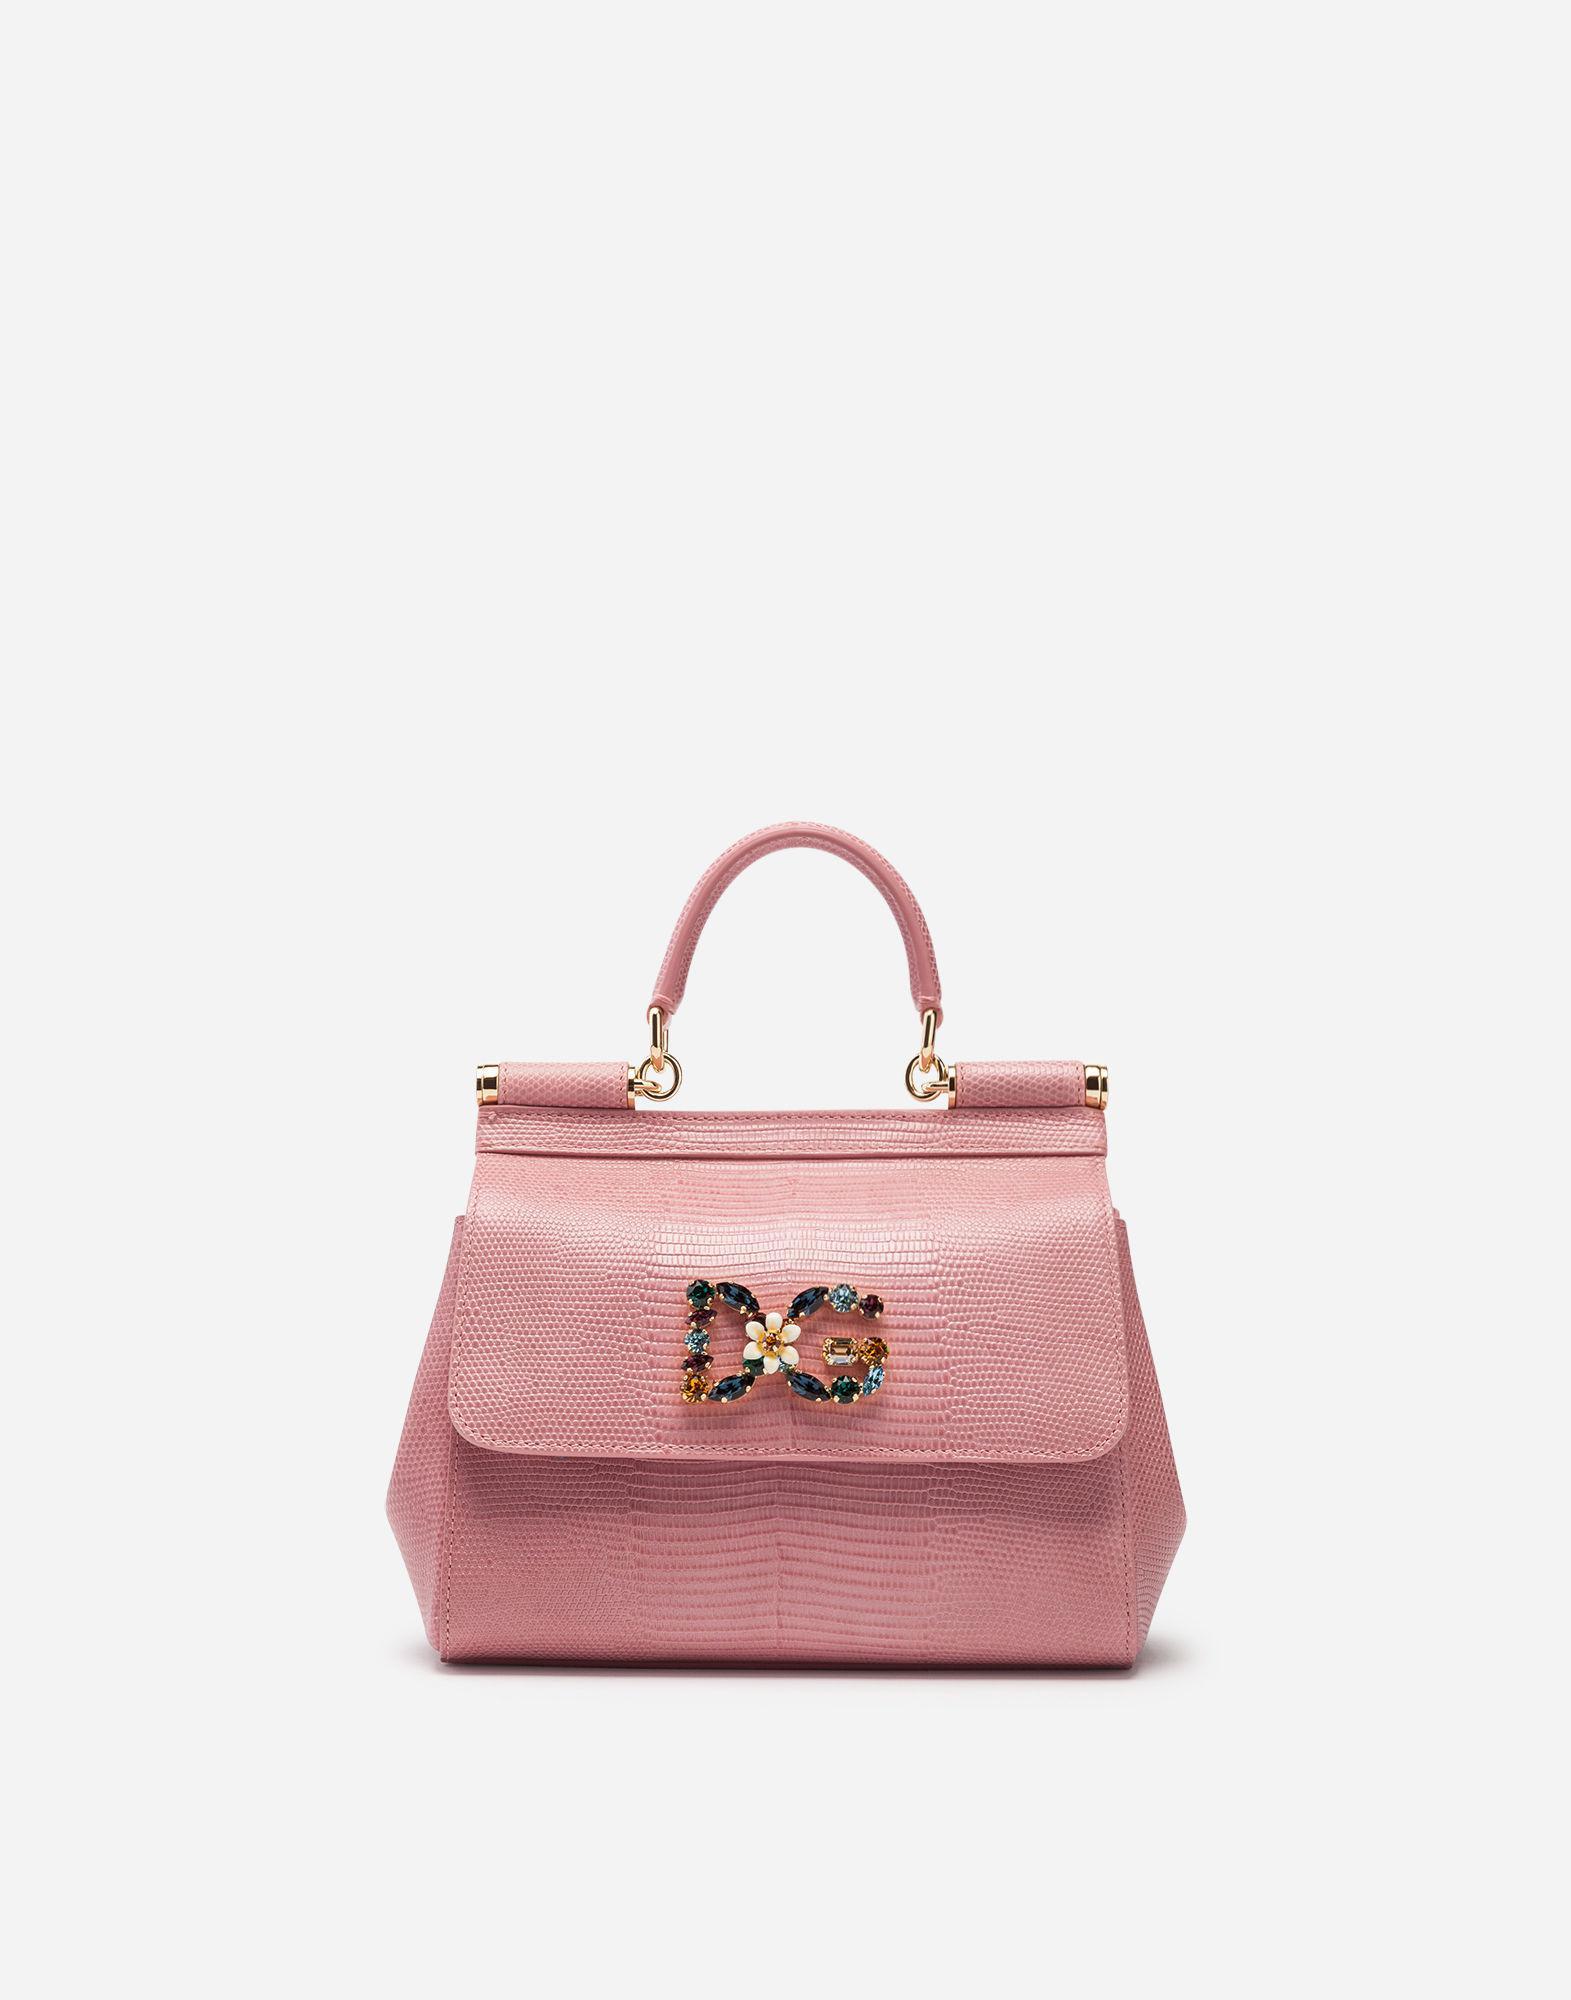 a36153937c73 Lyst - Dolce   Gabbana Small Sicily Handbag In Iguana Print Calfskin ...